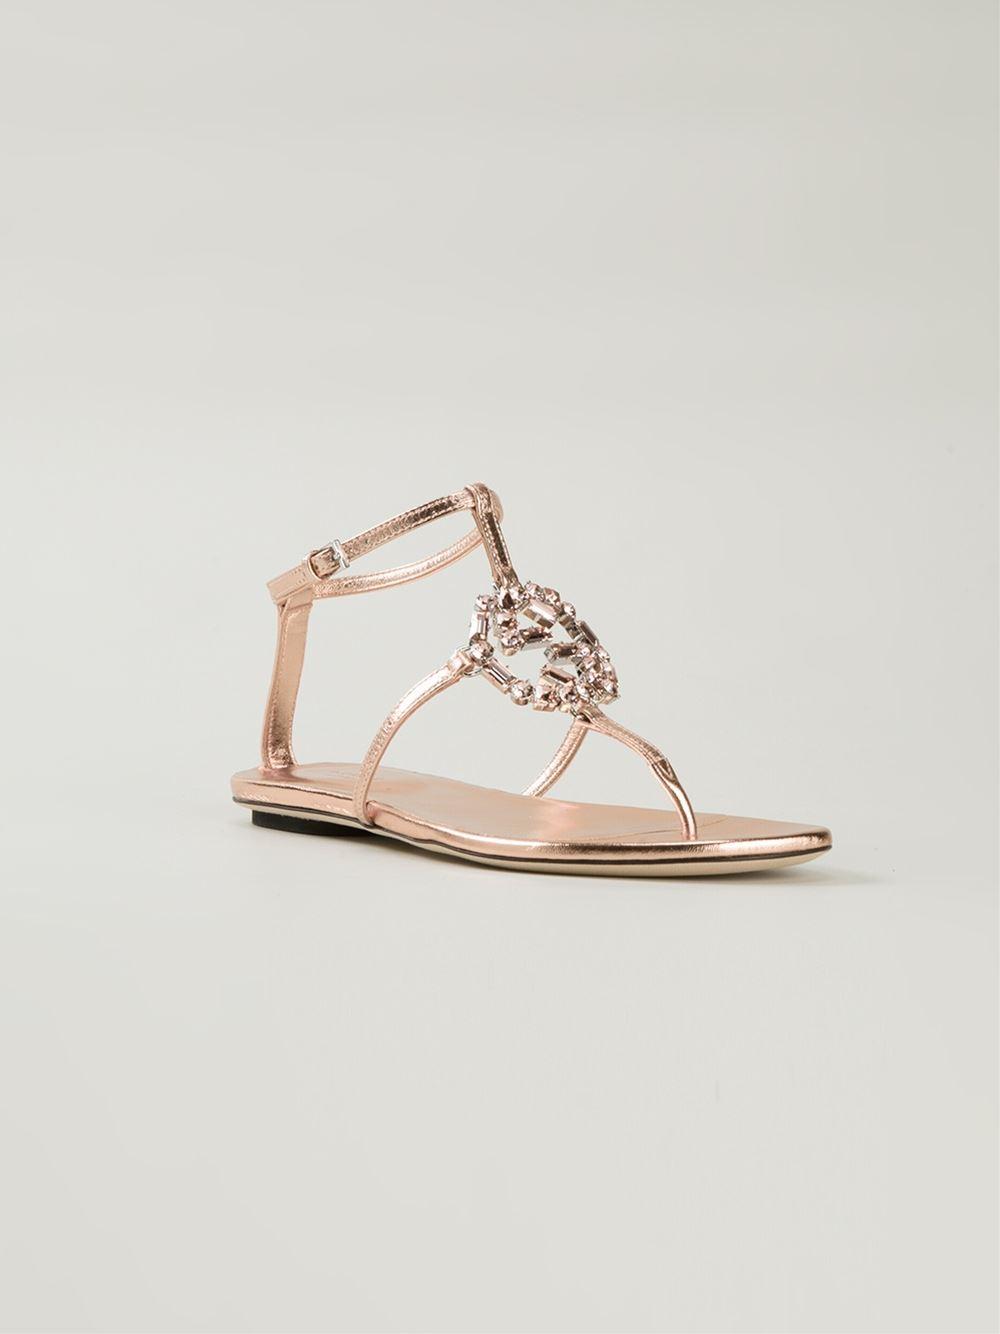 Lyst - Gucci  gg  Flat Sandals in Pink 76e2e4860